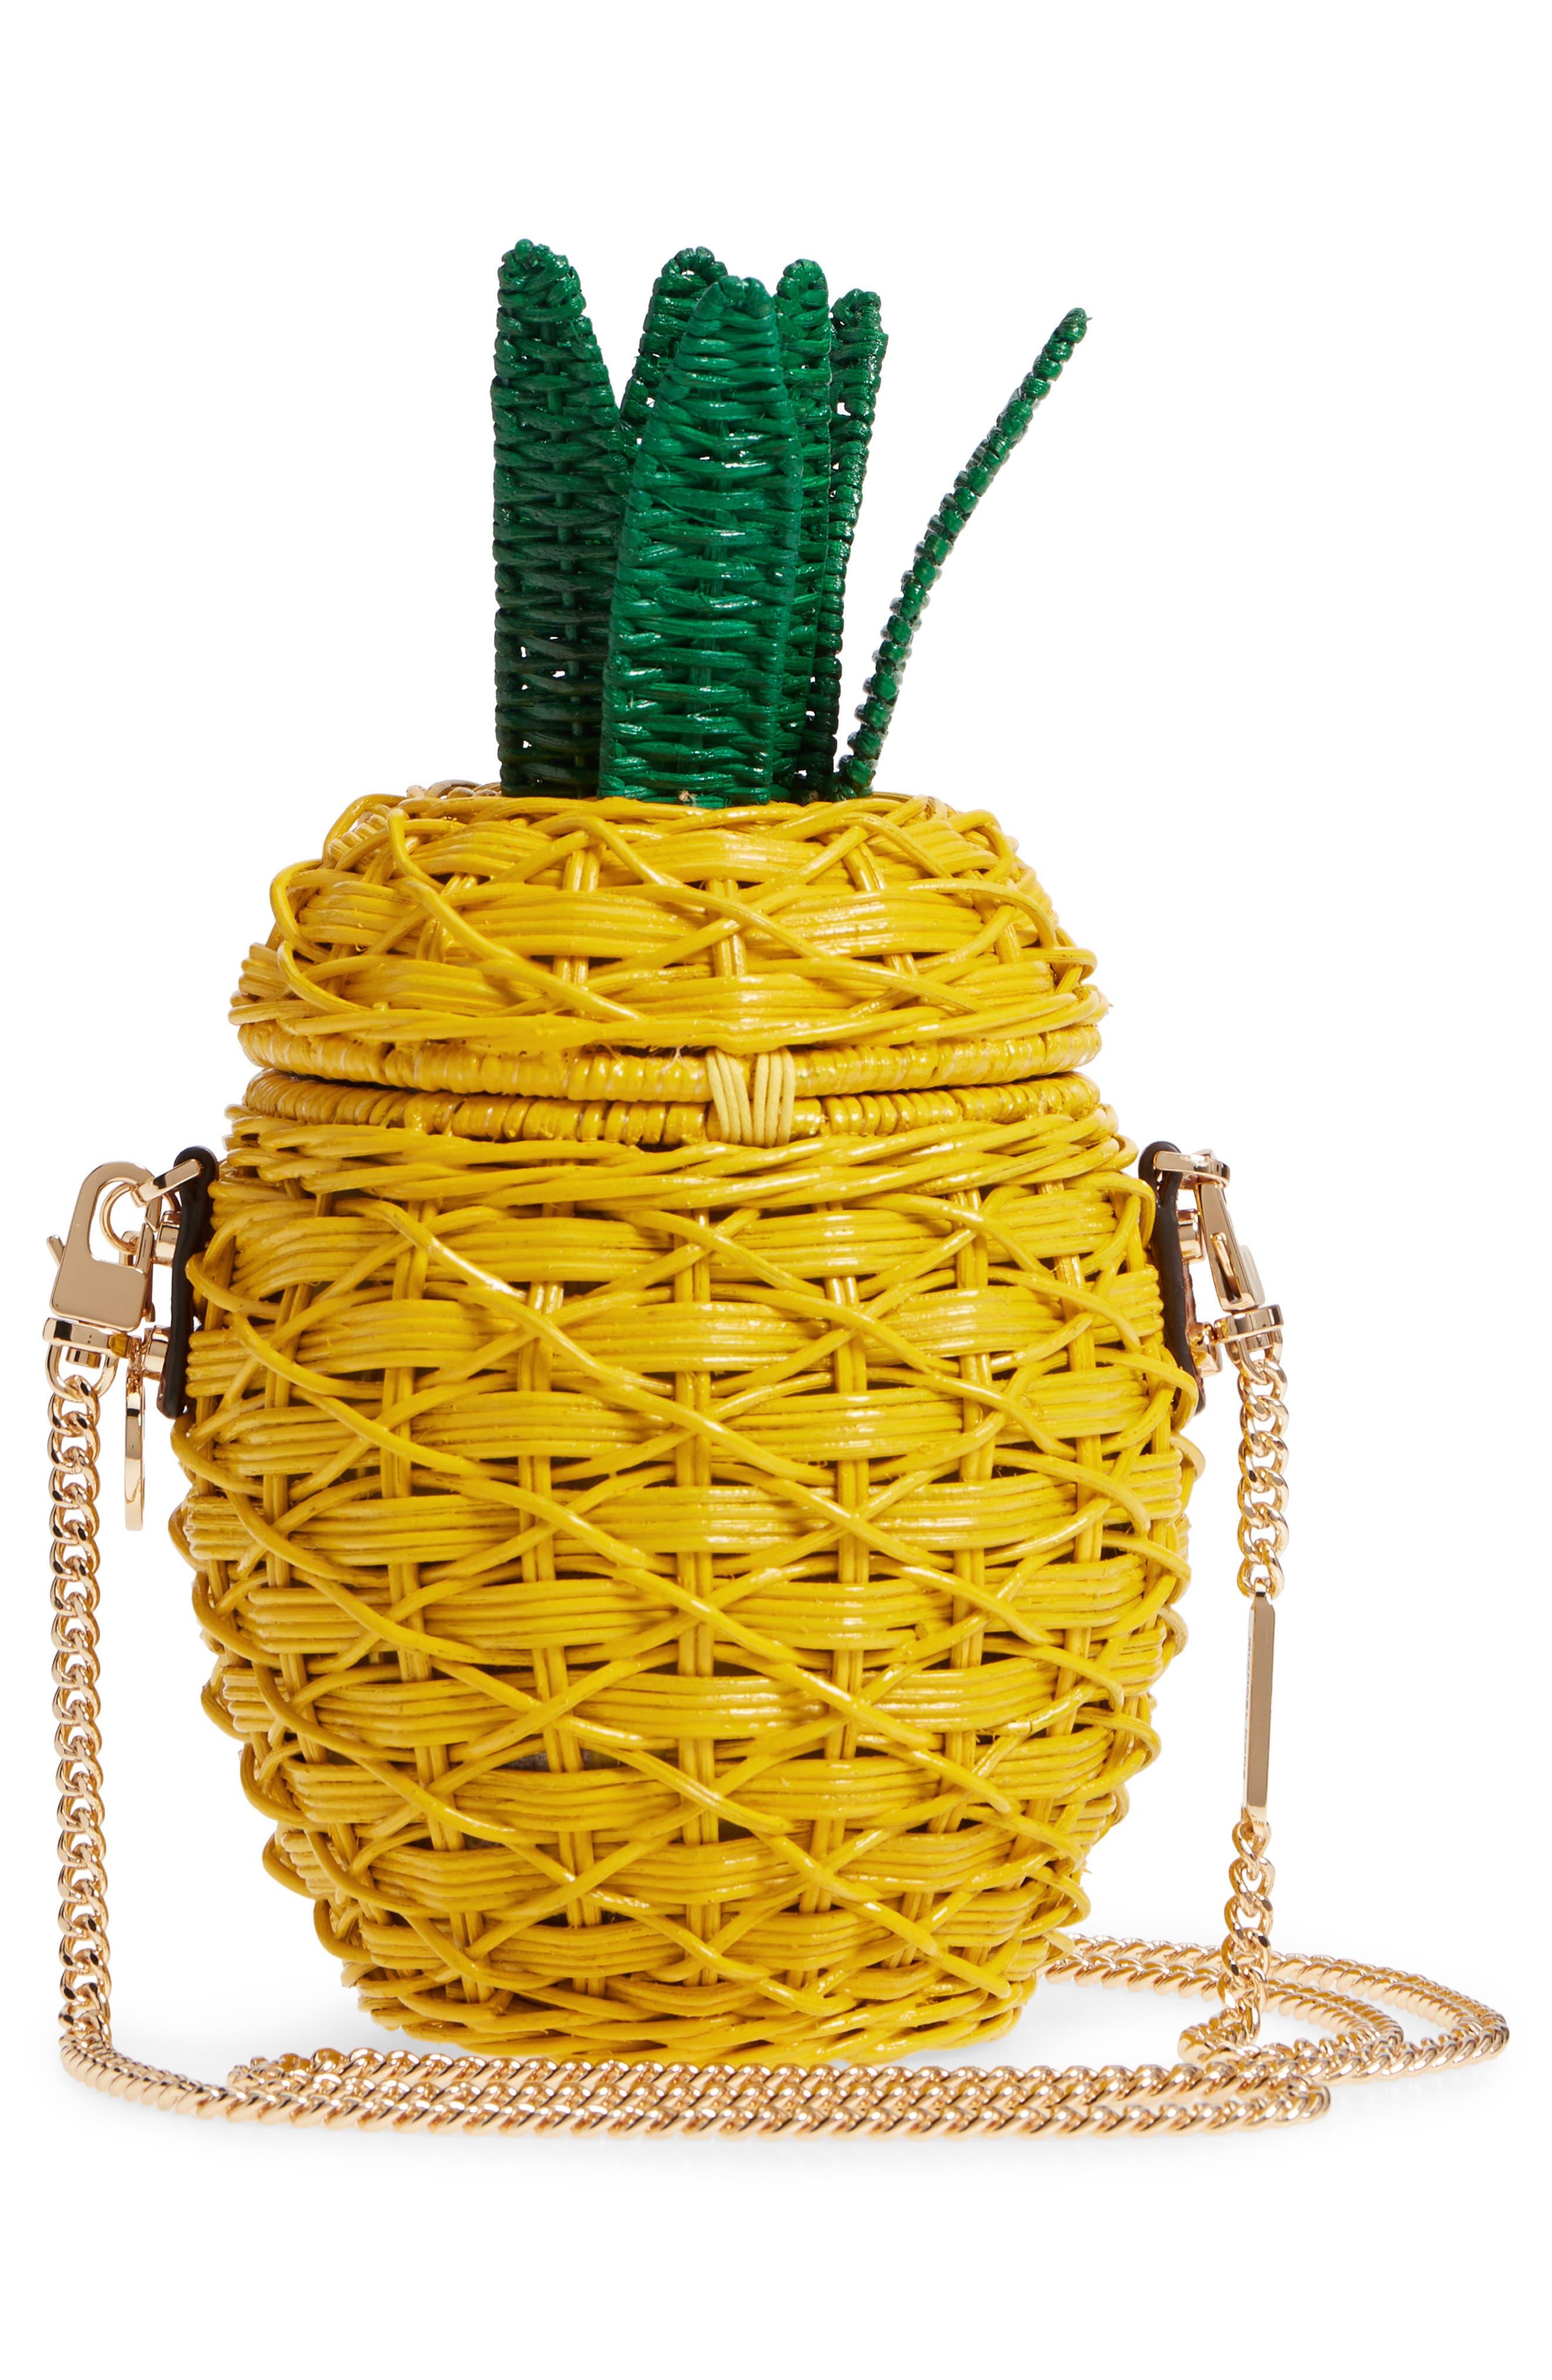 MICHAEL Michael Kors Wicker Pineapple Shoulder Bag,                             Alternate thumbnail 3, color,                             Sunflower